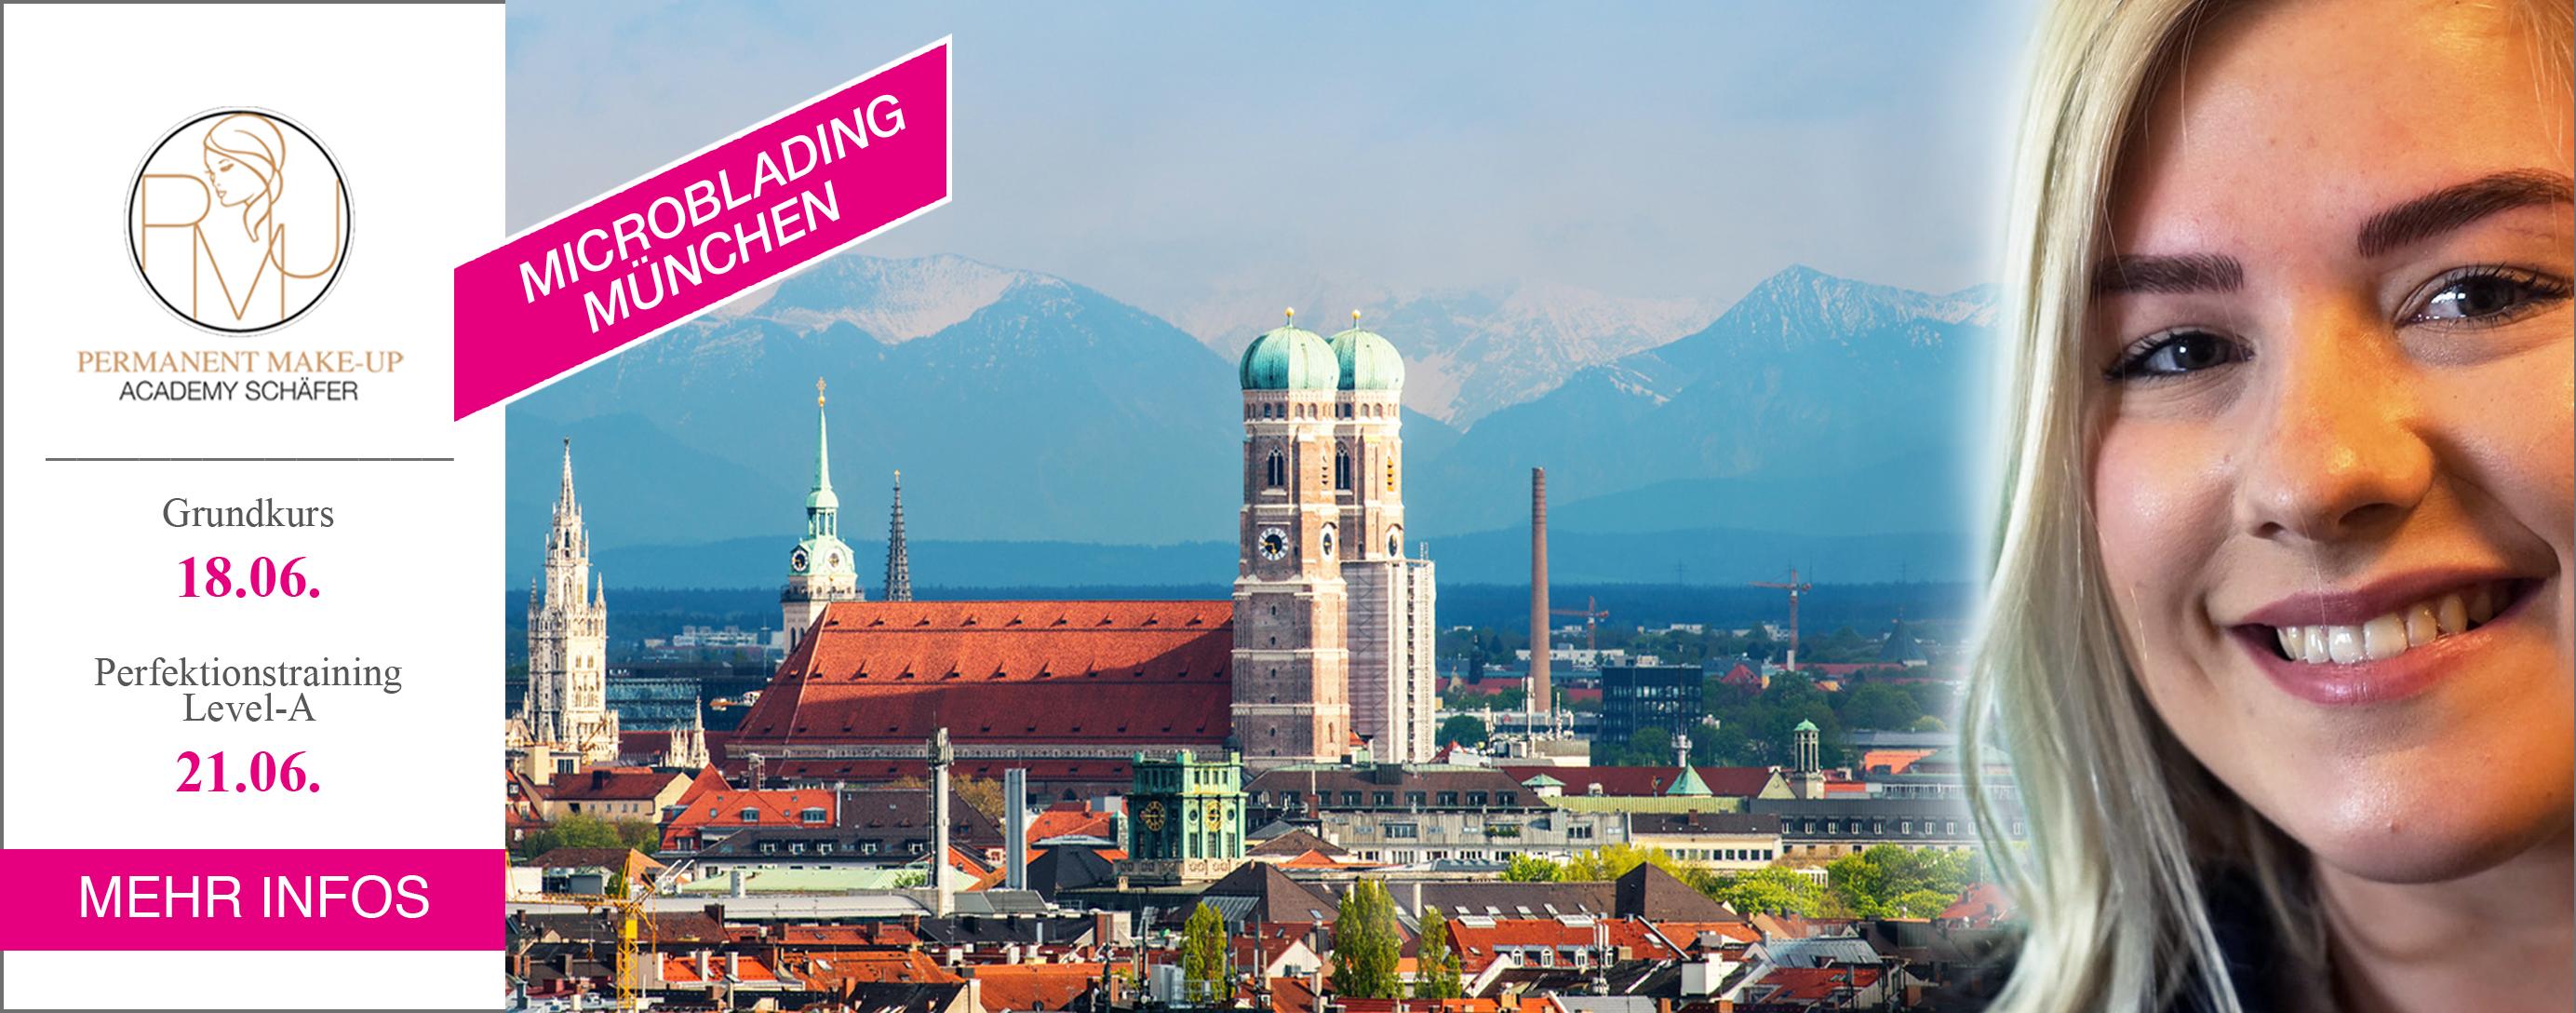 Microblading Ausbildung München - Kosmetikschule Schäfer - PMU Schäfer